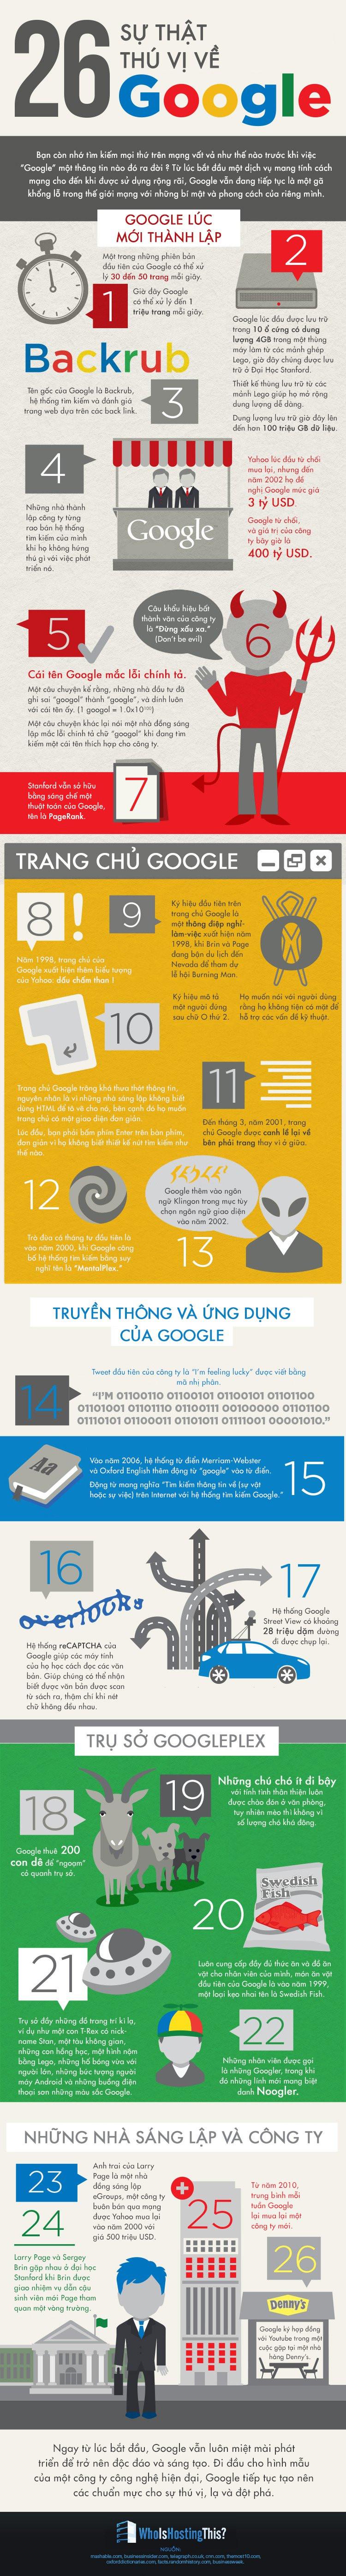 [Infographic] 26 sự thật thú vị về công cụ tìm kiếm Google